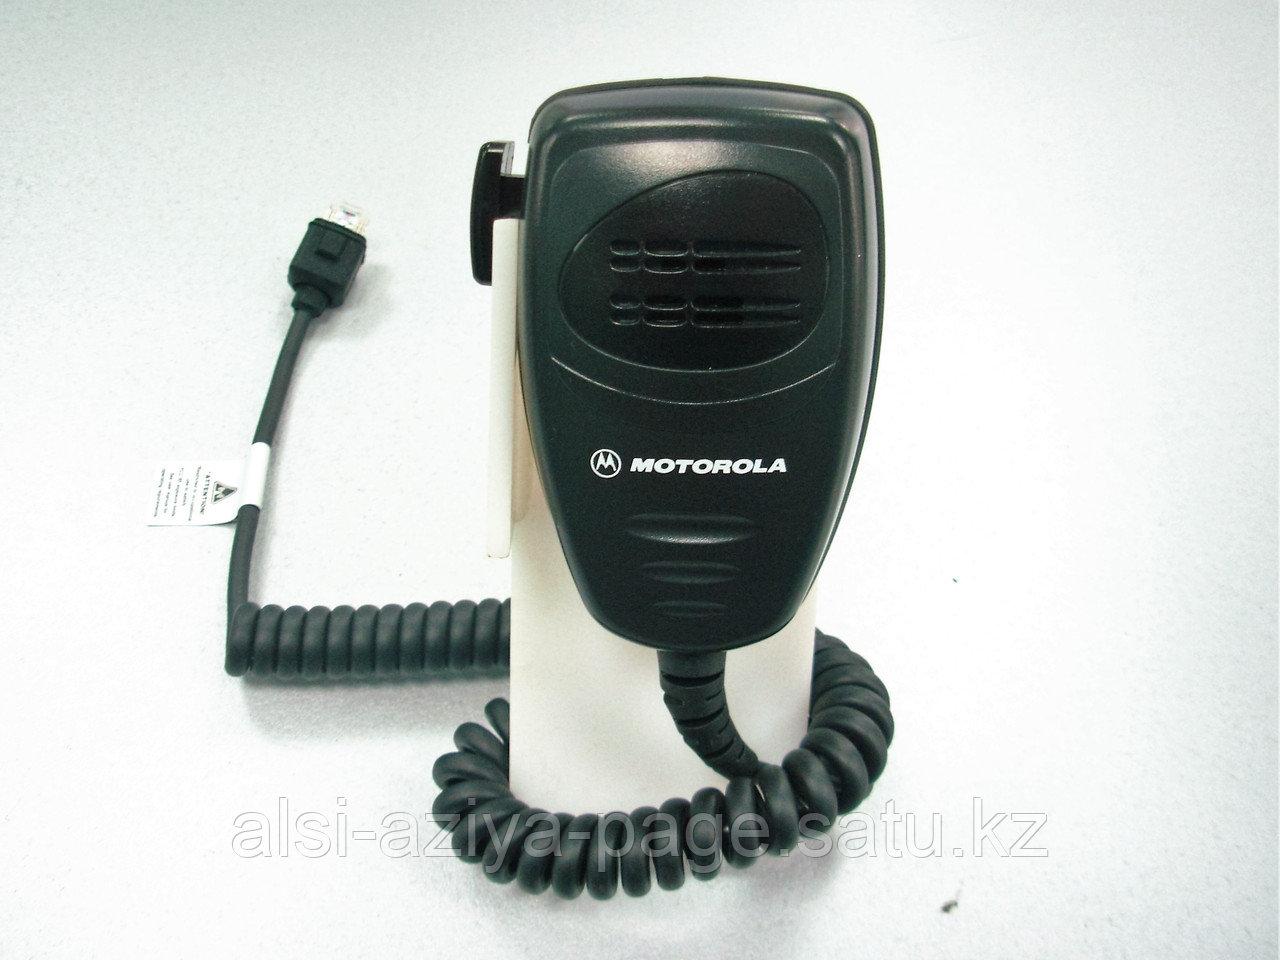 Микрофон с креплением